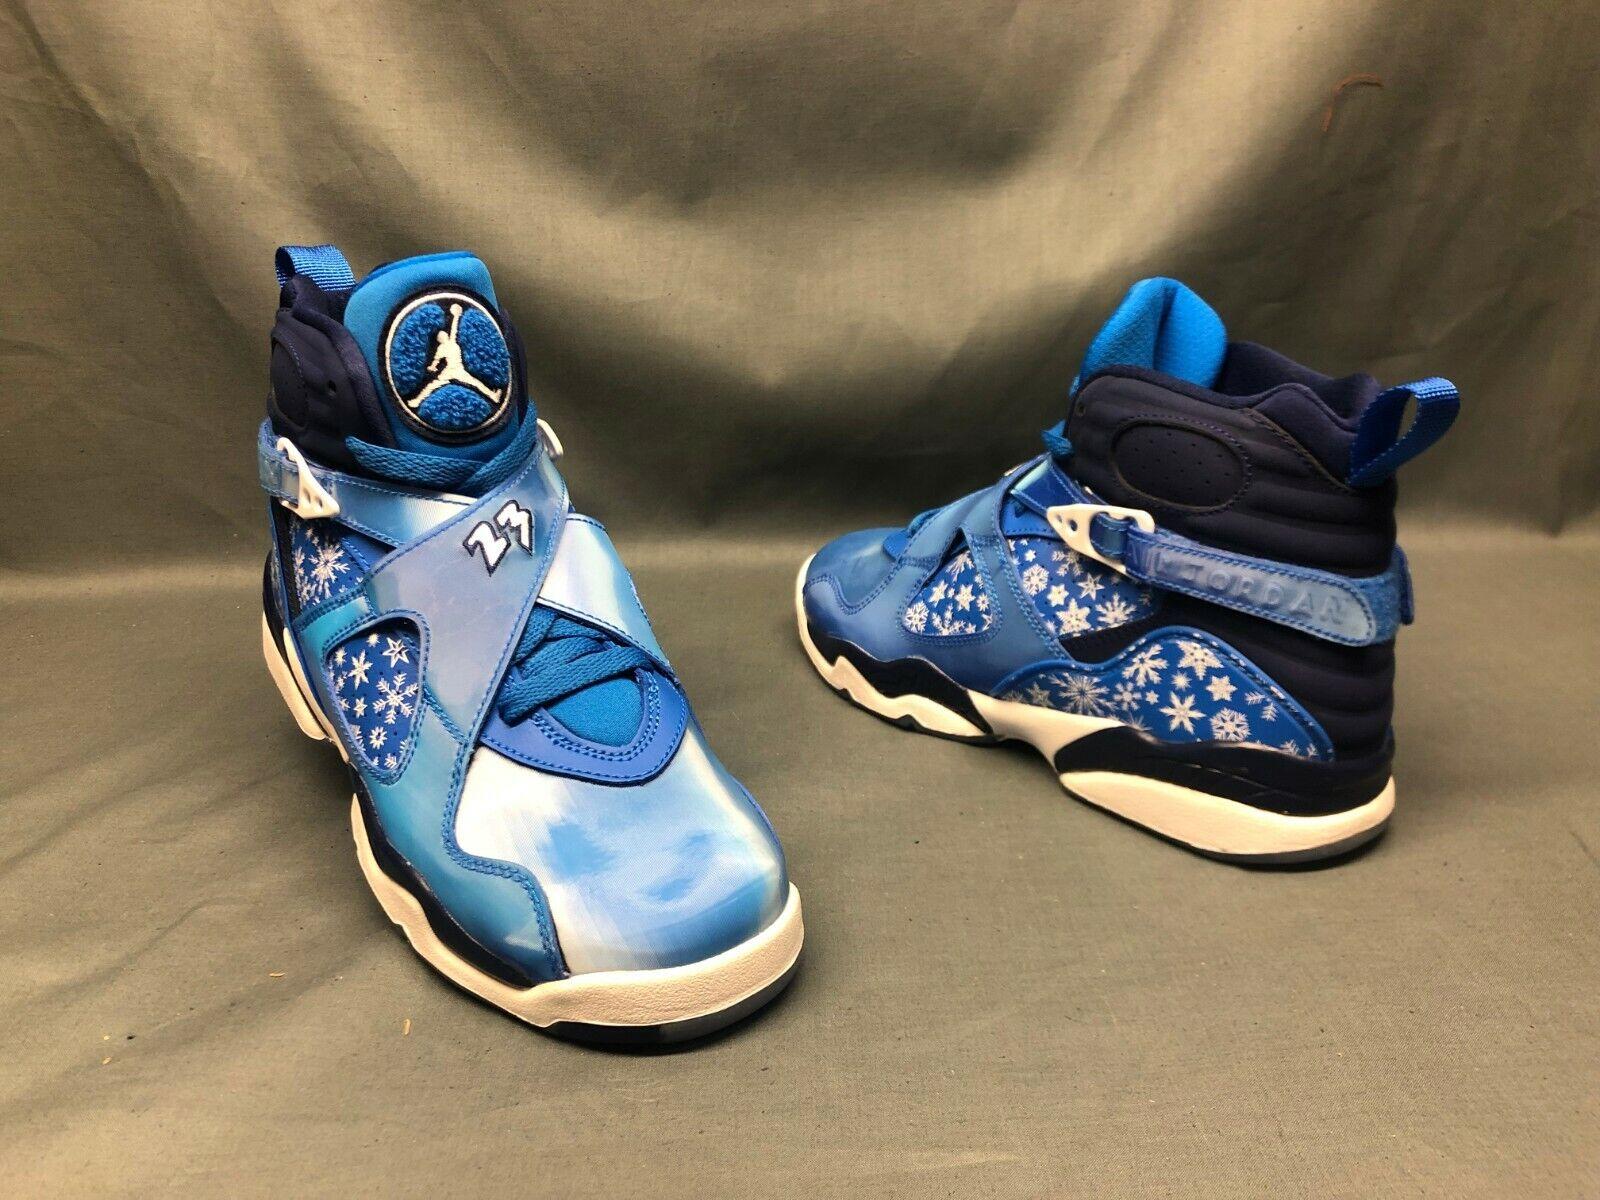 Size 4y Youth Nike Air Jordan 8 Retro